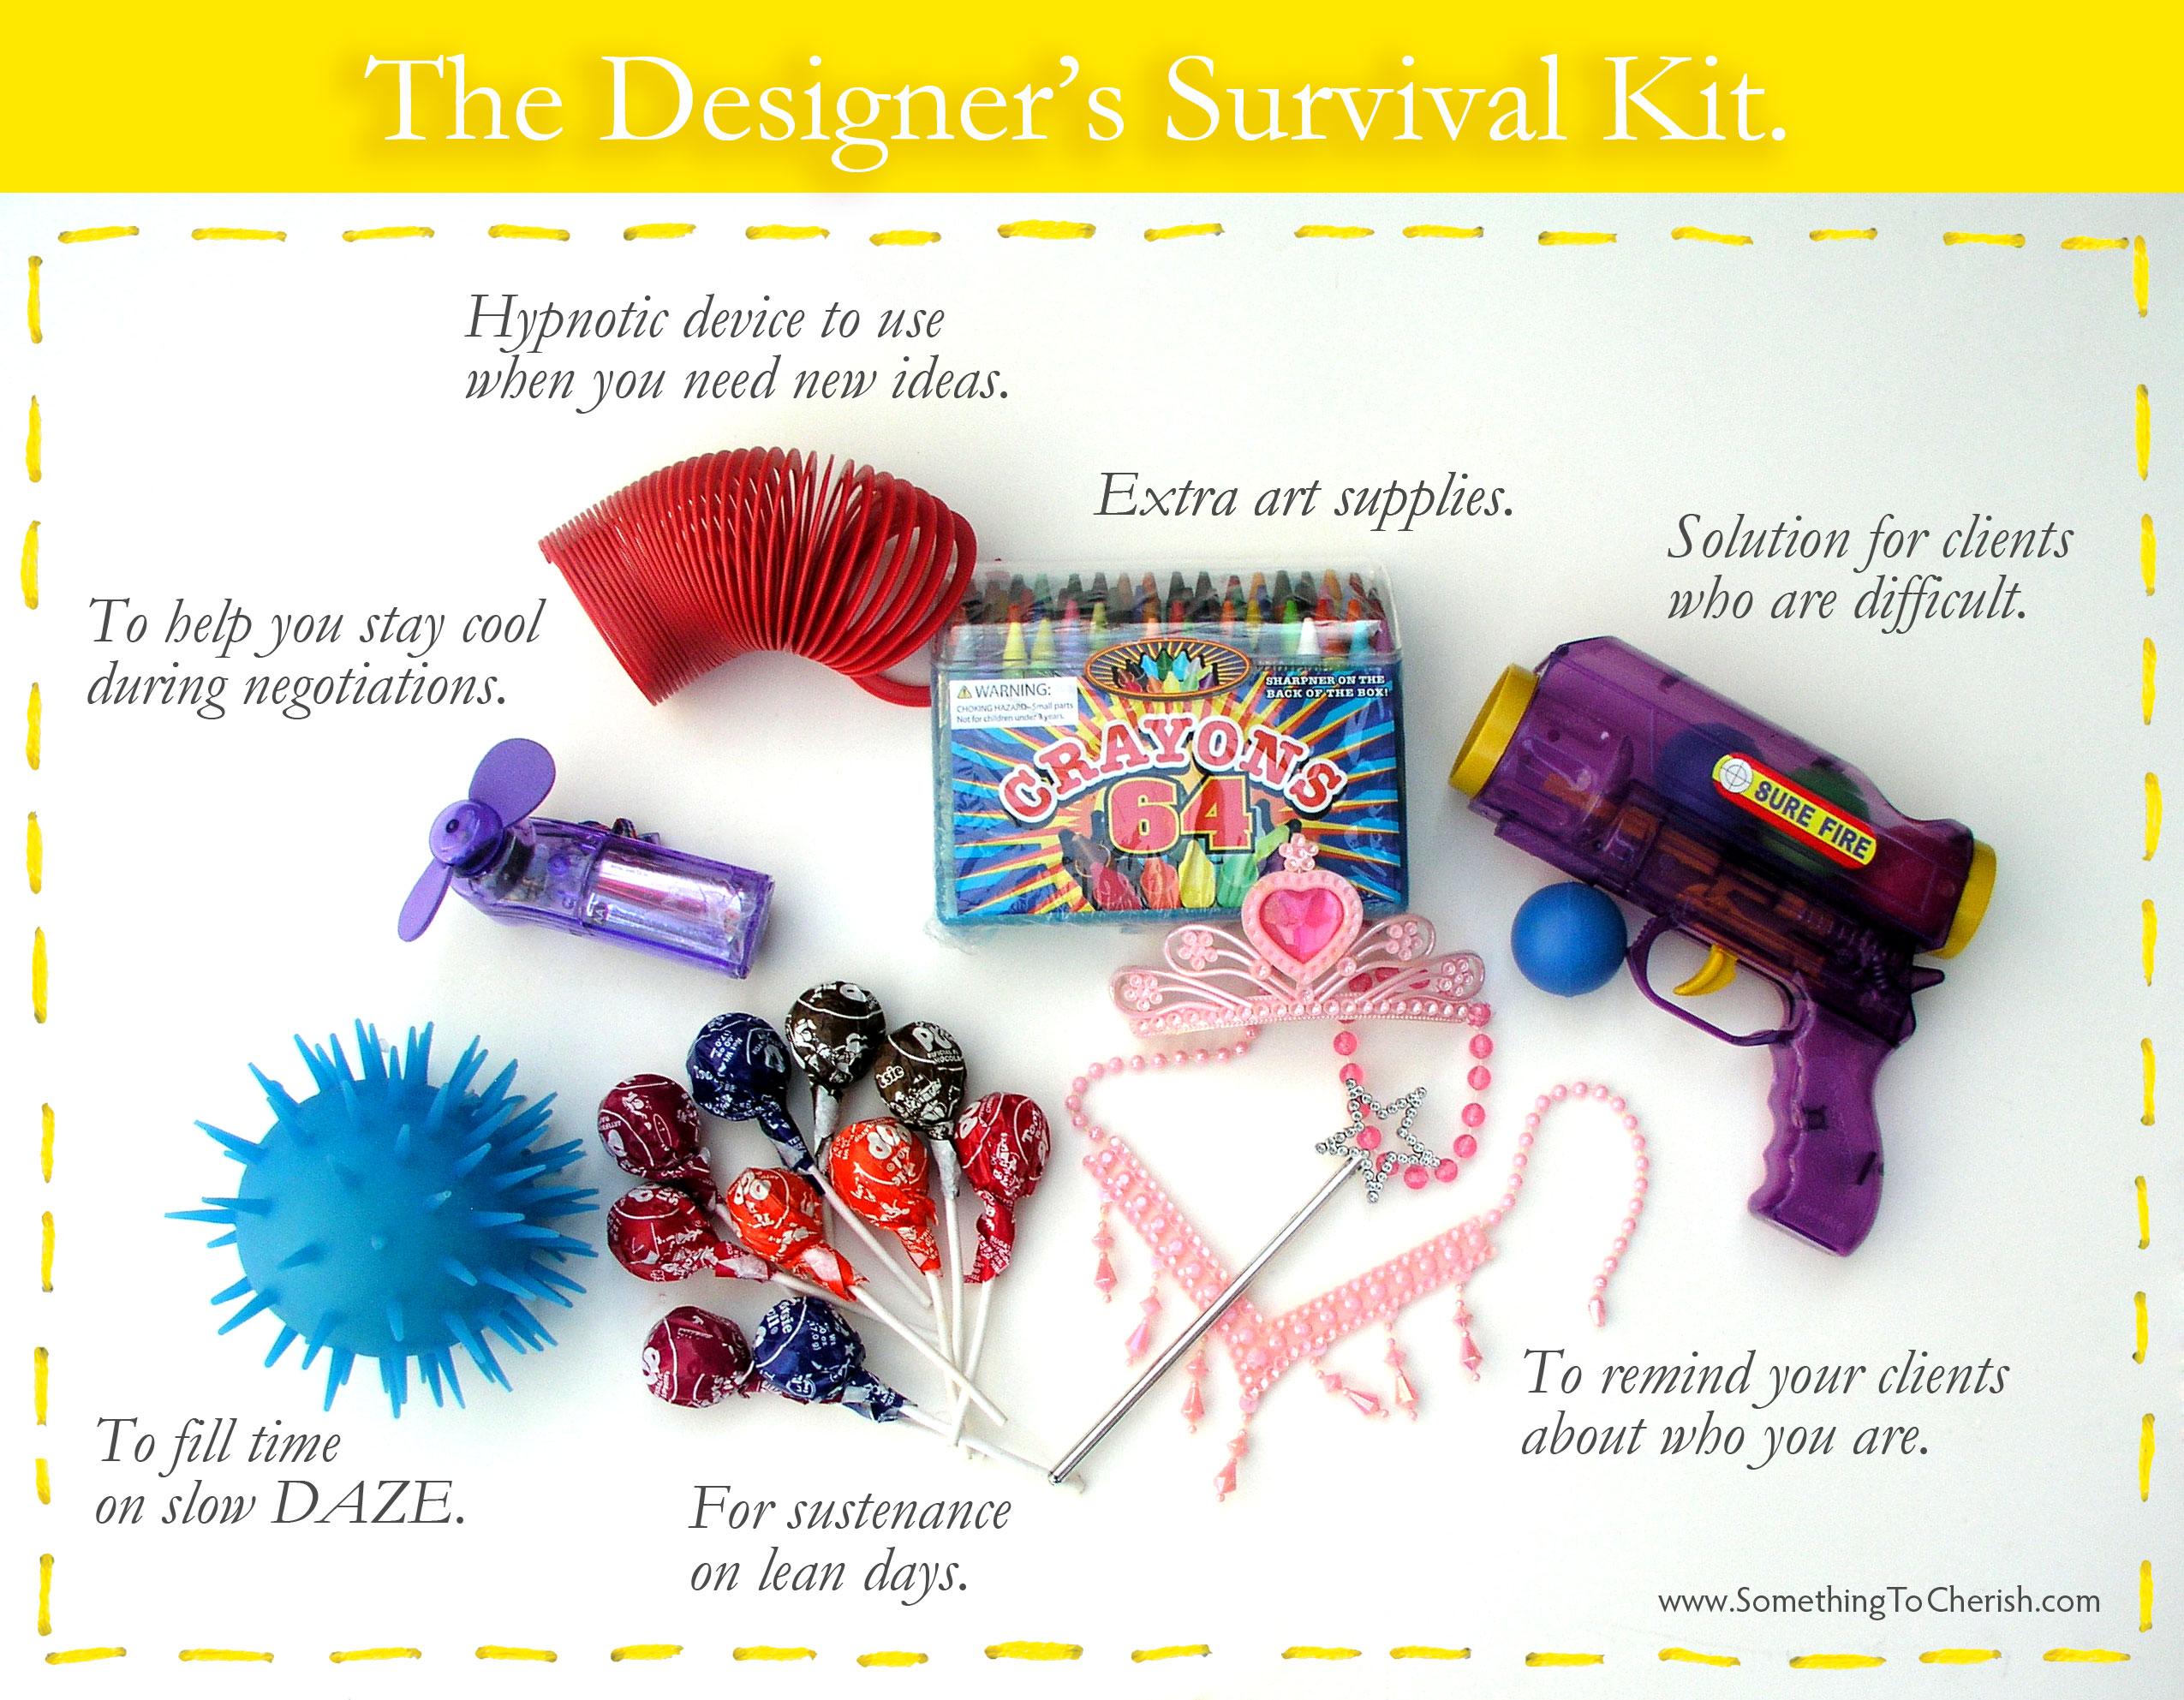 The Designer's Survival Kit.